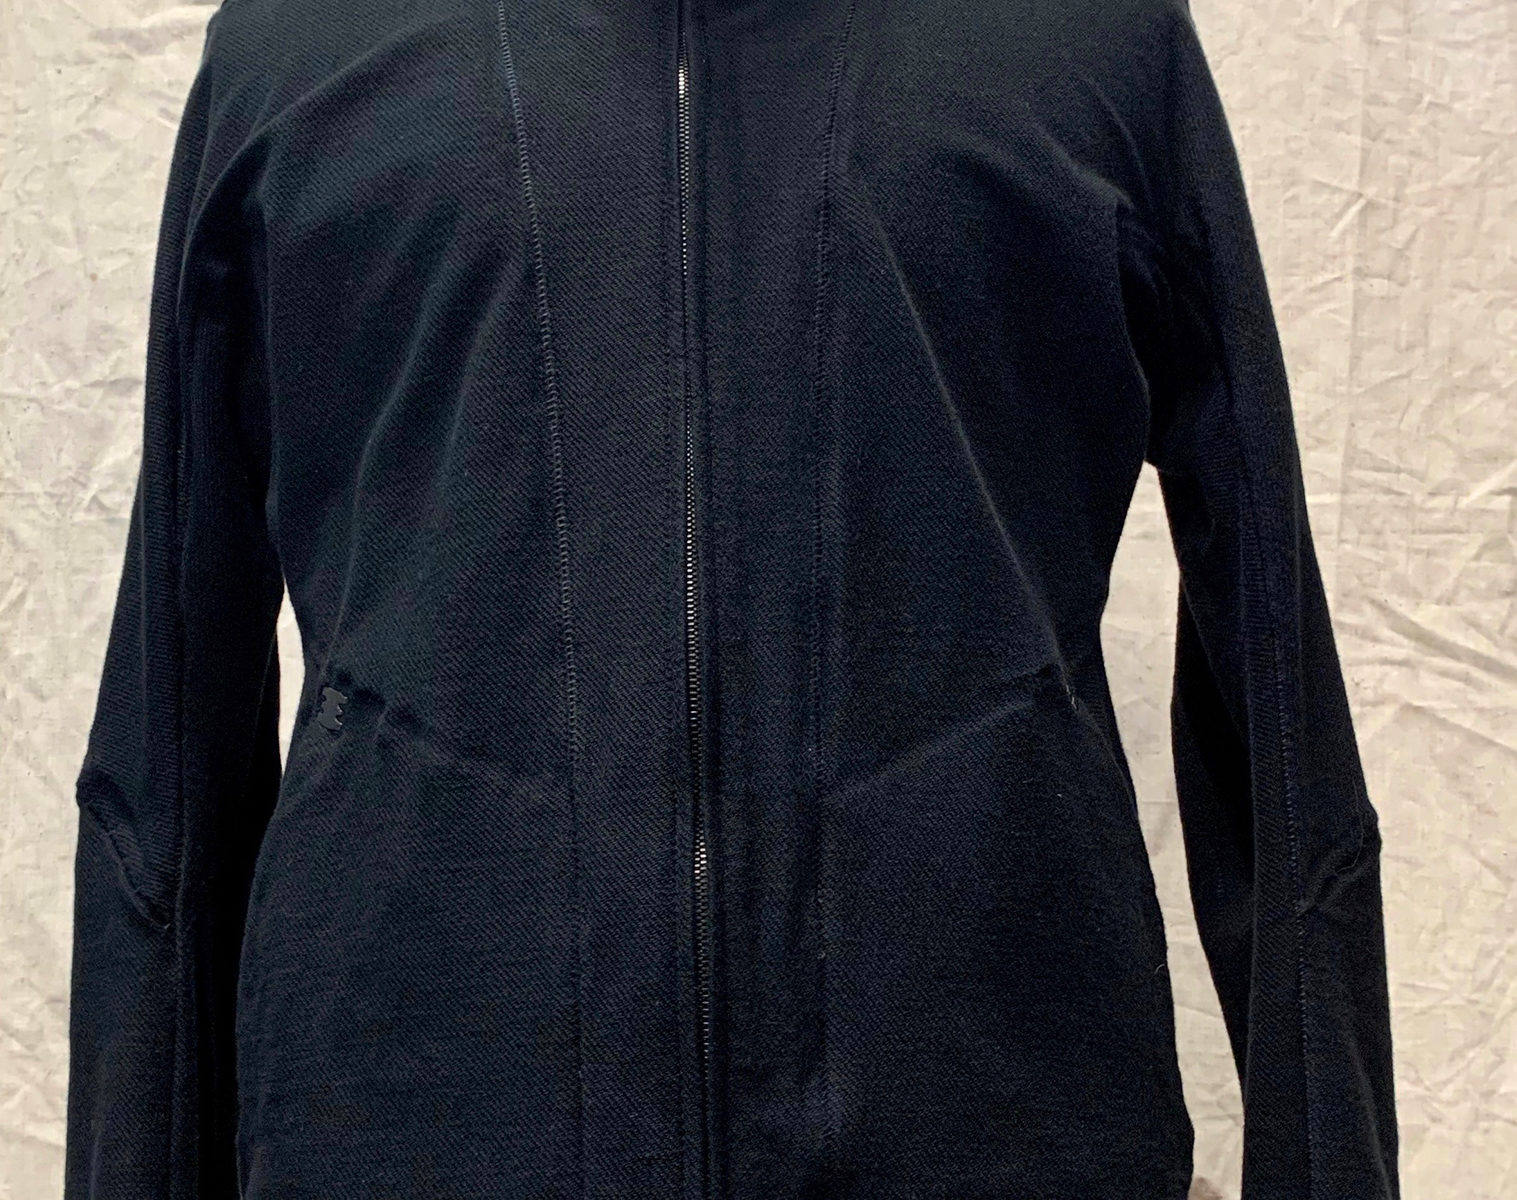 ISAAC SELLAM Zip Up Jacket 1